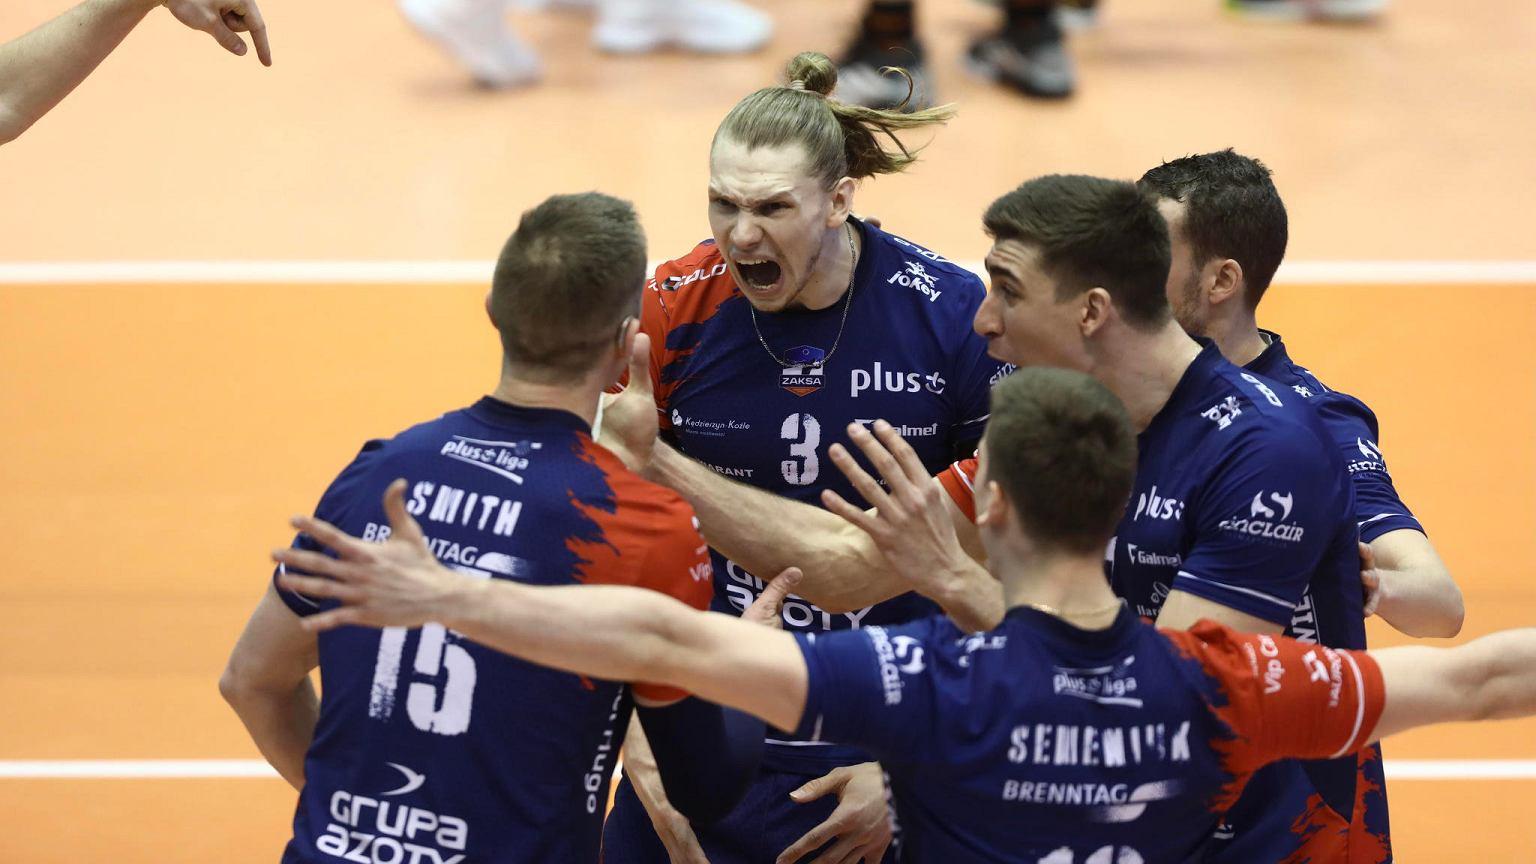 WIELKA ZAKSA wygrywa w Kazaniu! Co za powr